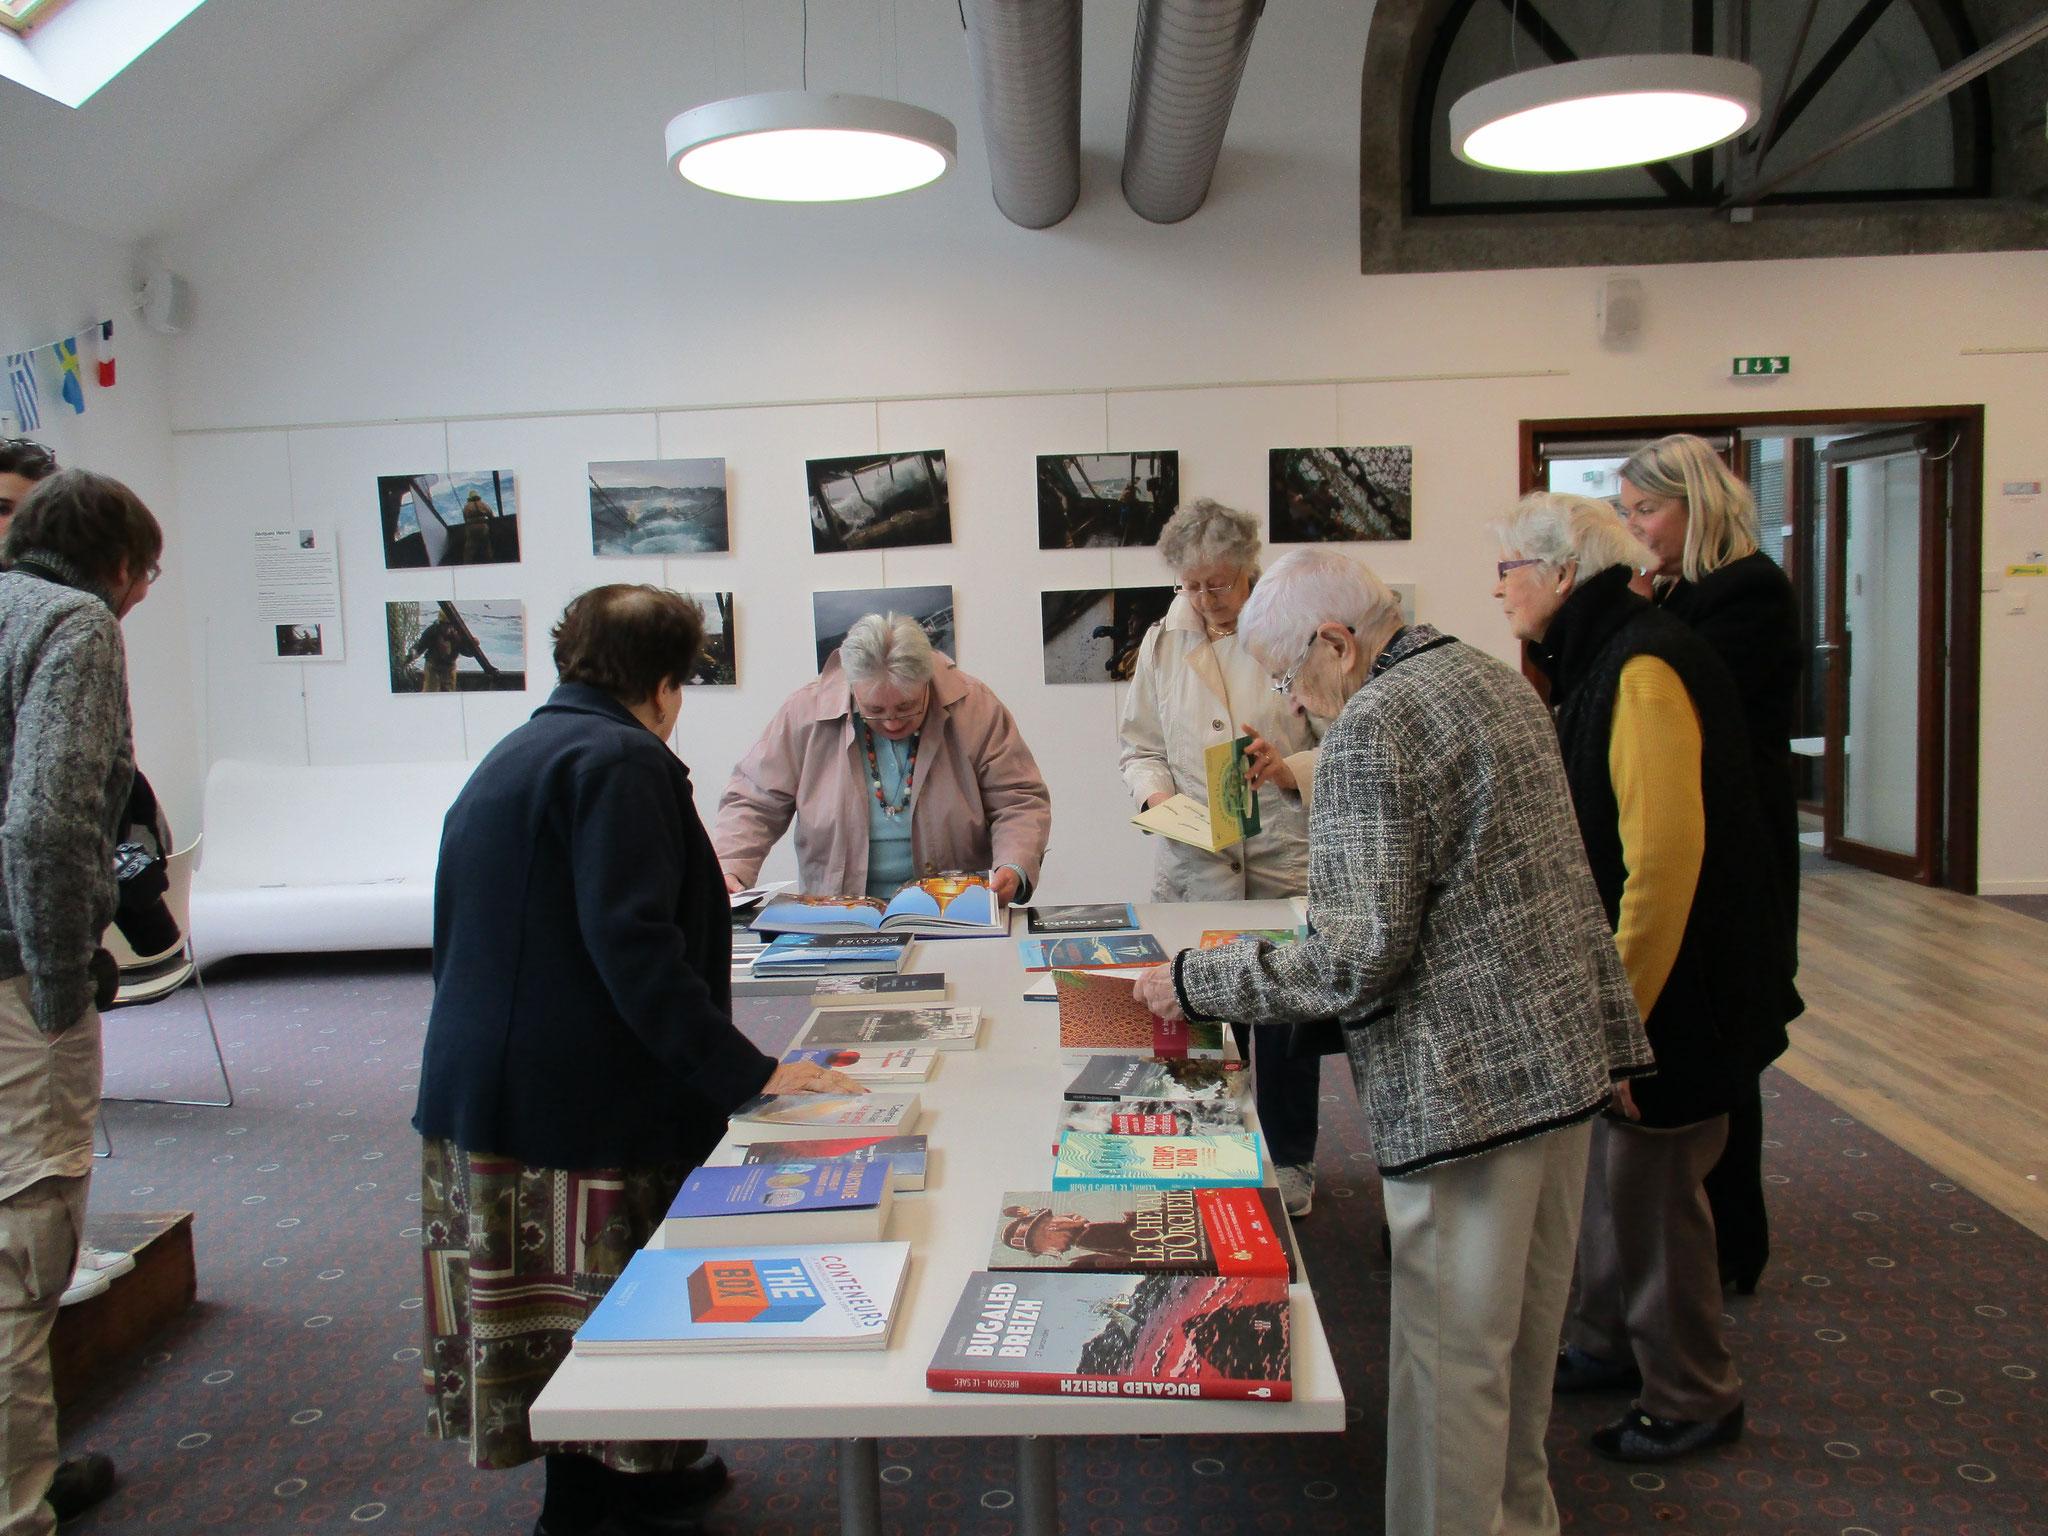 Vendredi, avant l'ouverture, visite des seniors au Pôle nautique ©C. Bombeeck